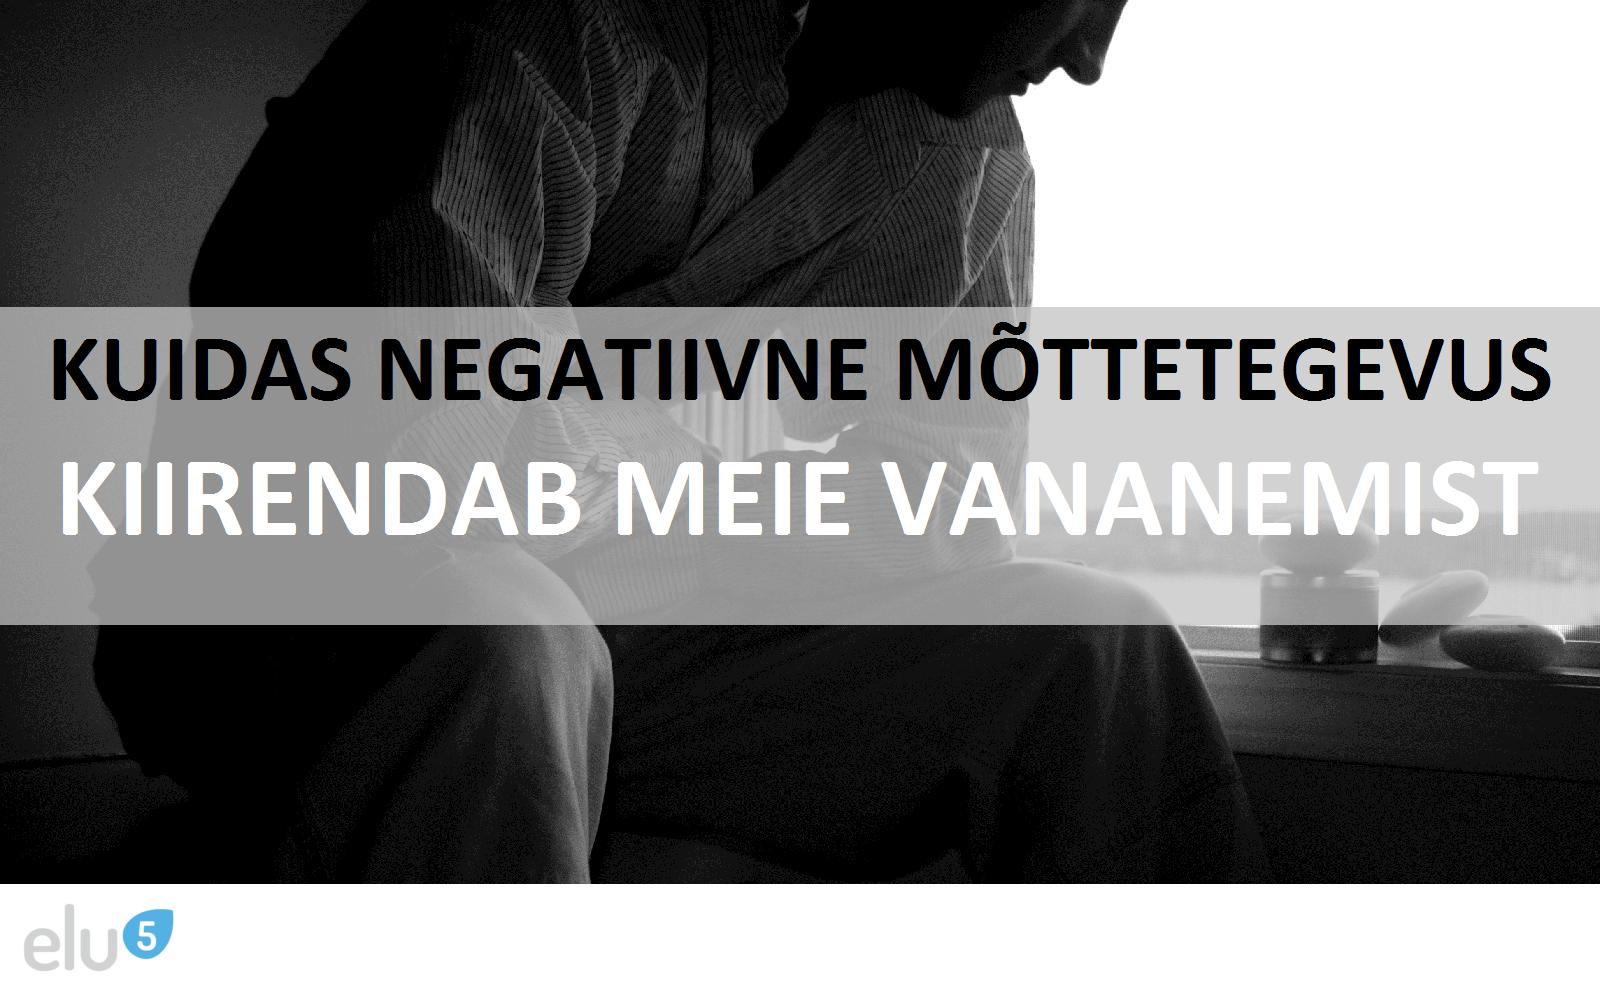 Elu5-kuidas negatiivne mõttetegevus kiirendab meie vananemist